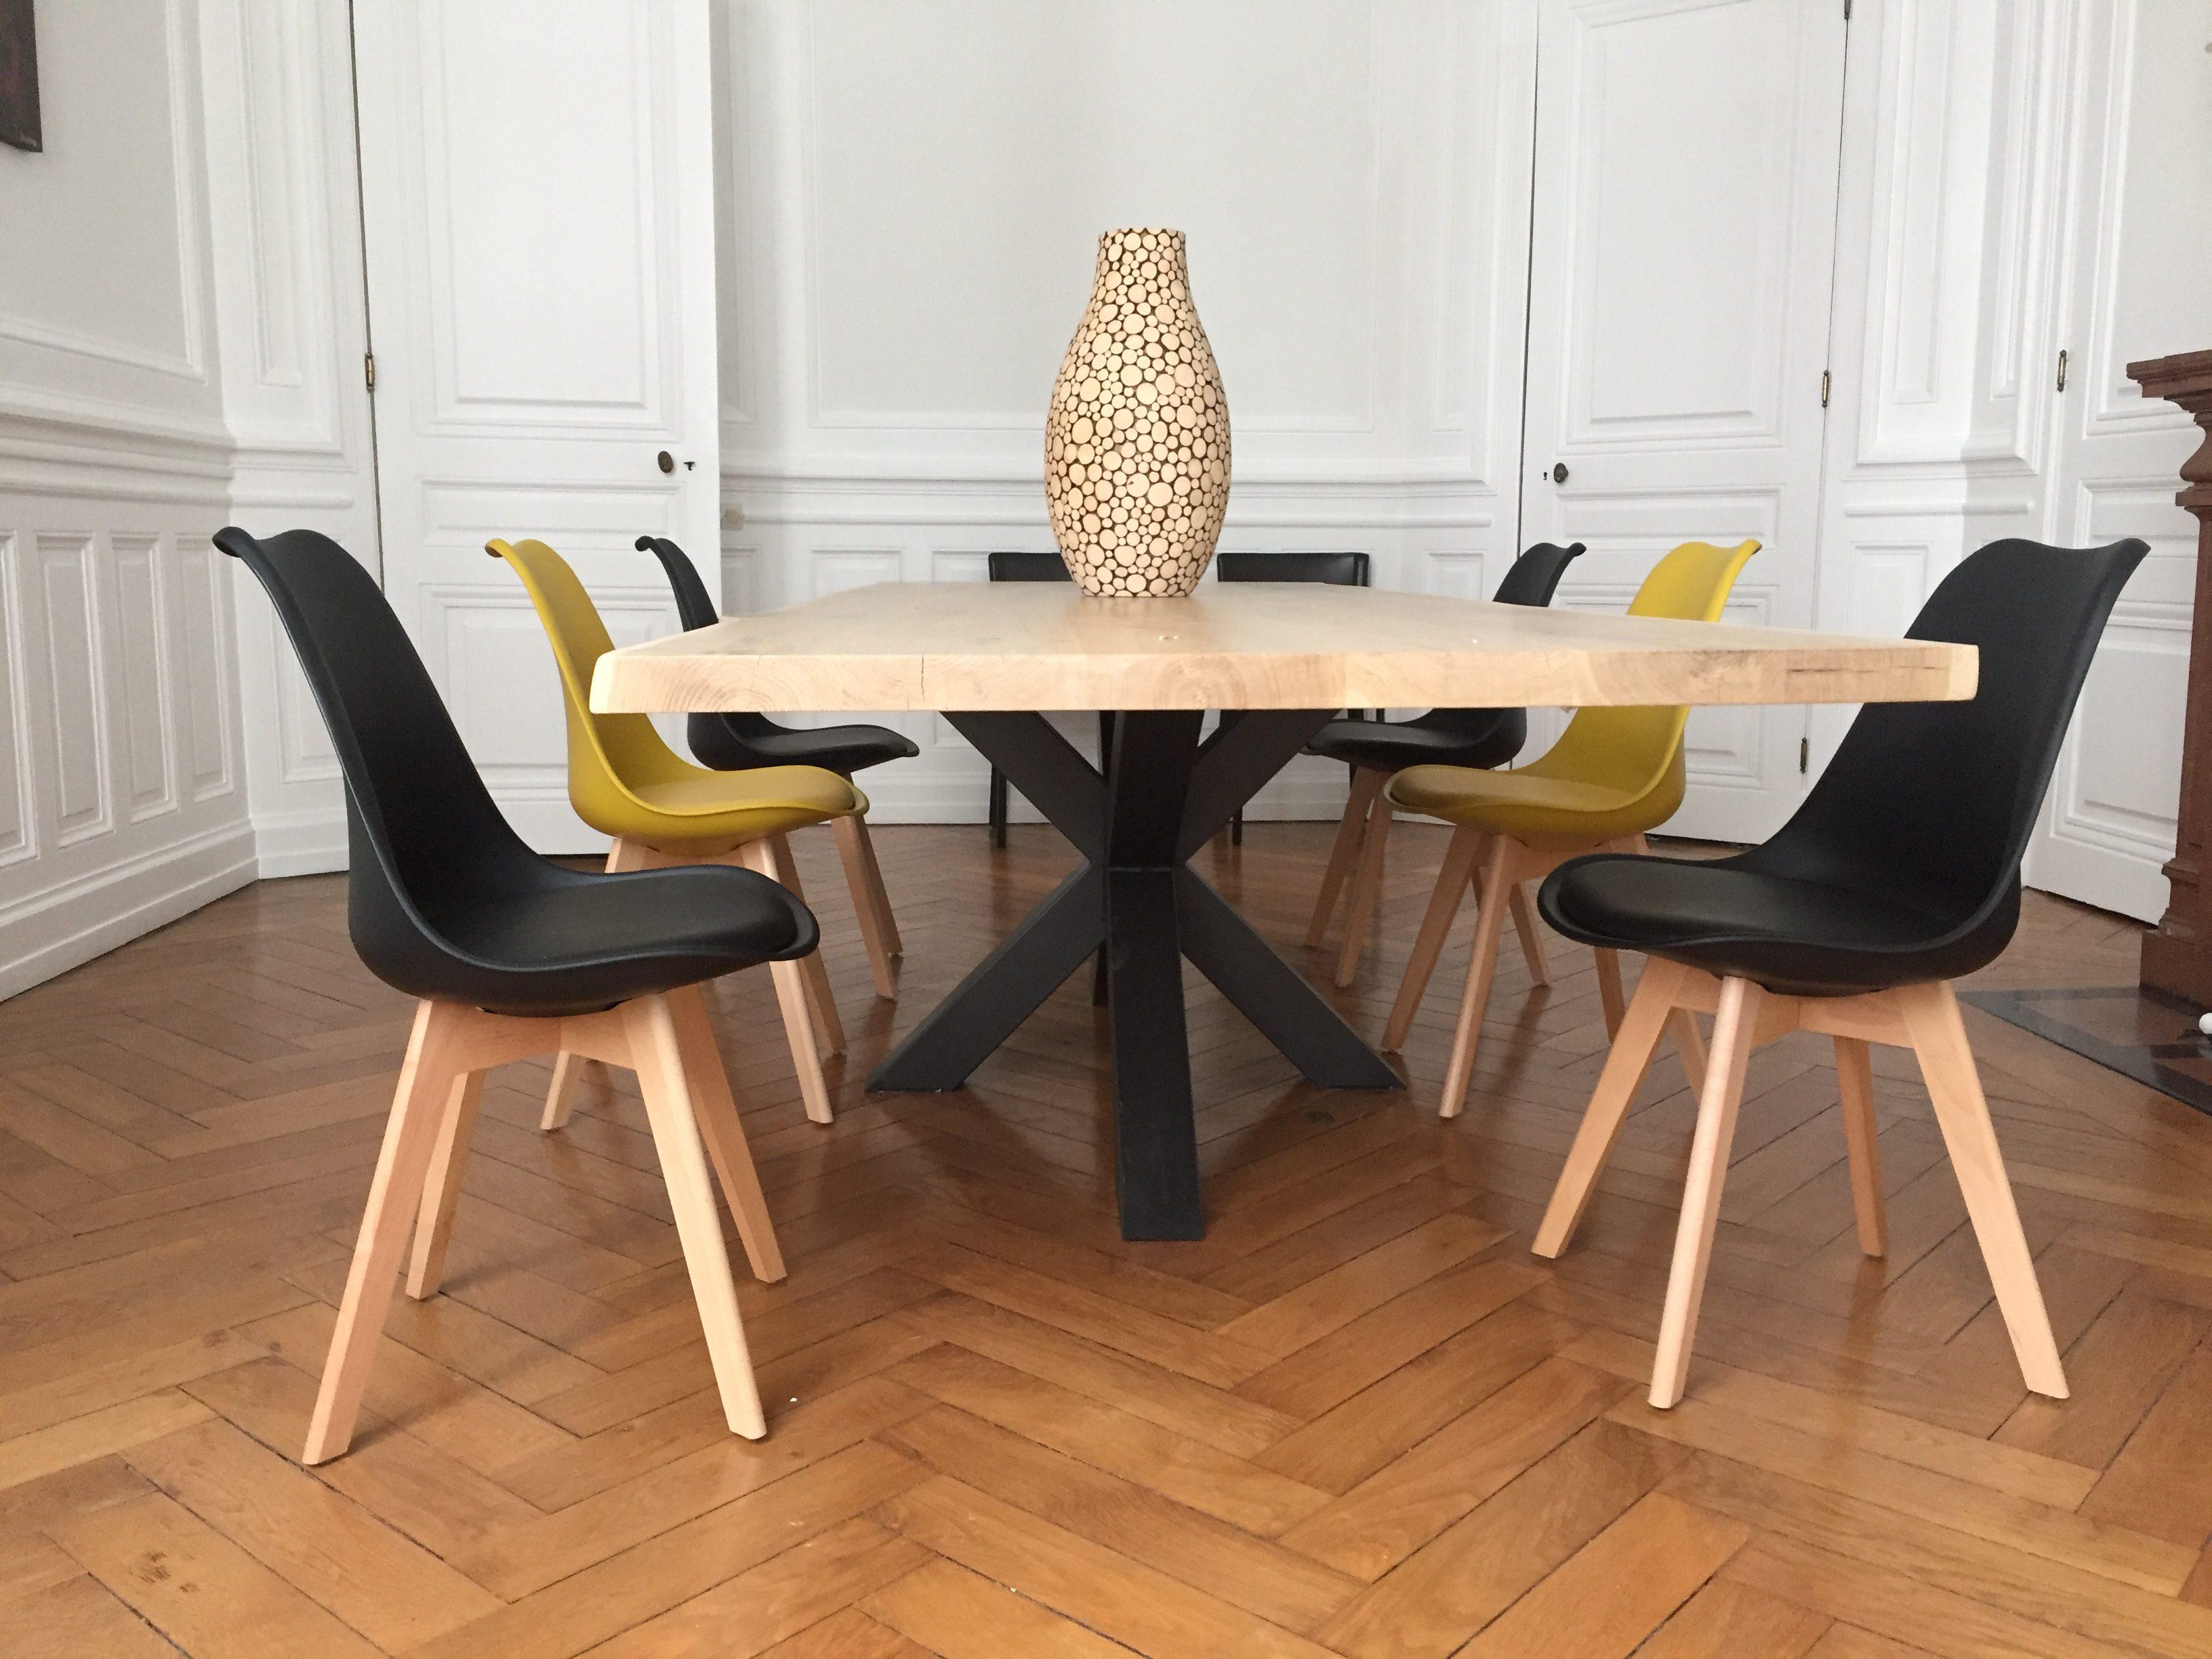 table bois m tal pied central acier cr ation design. Black Bedroom Furniture Sets. Home Design Ideas